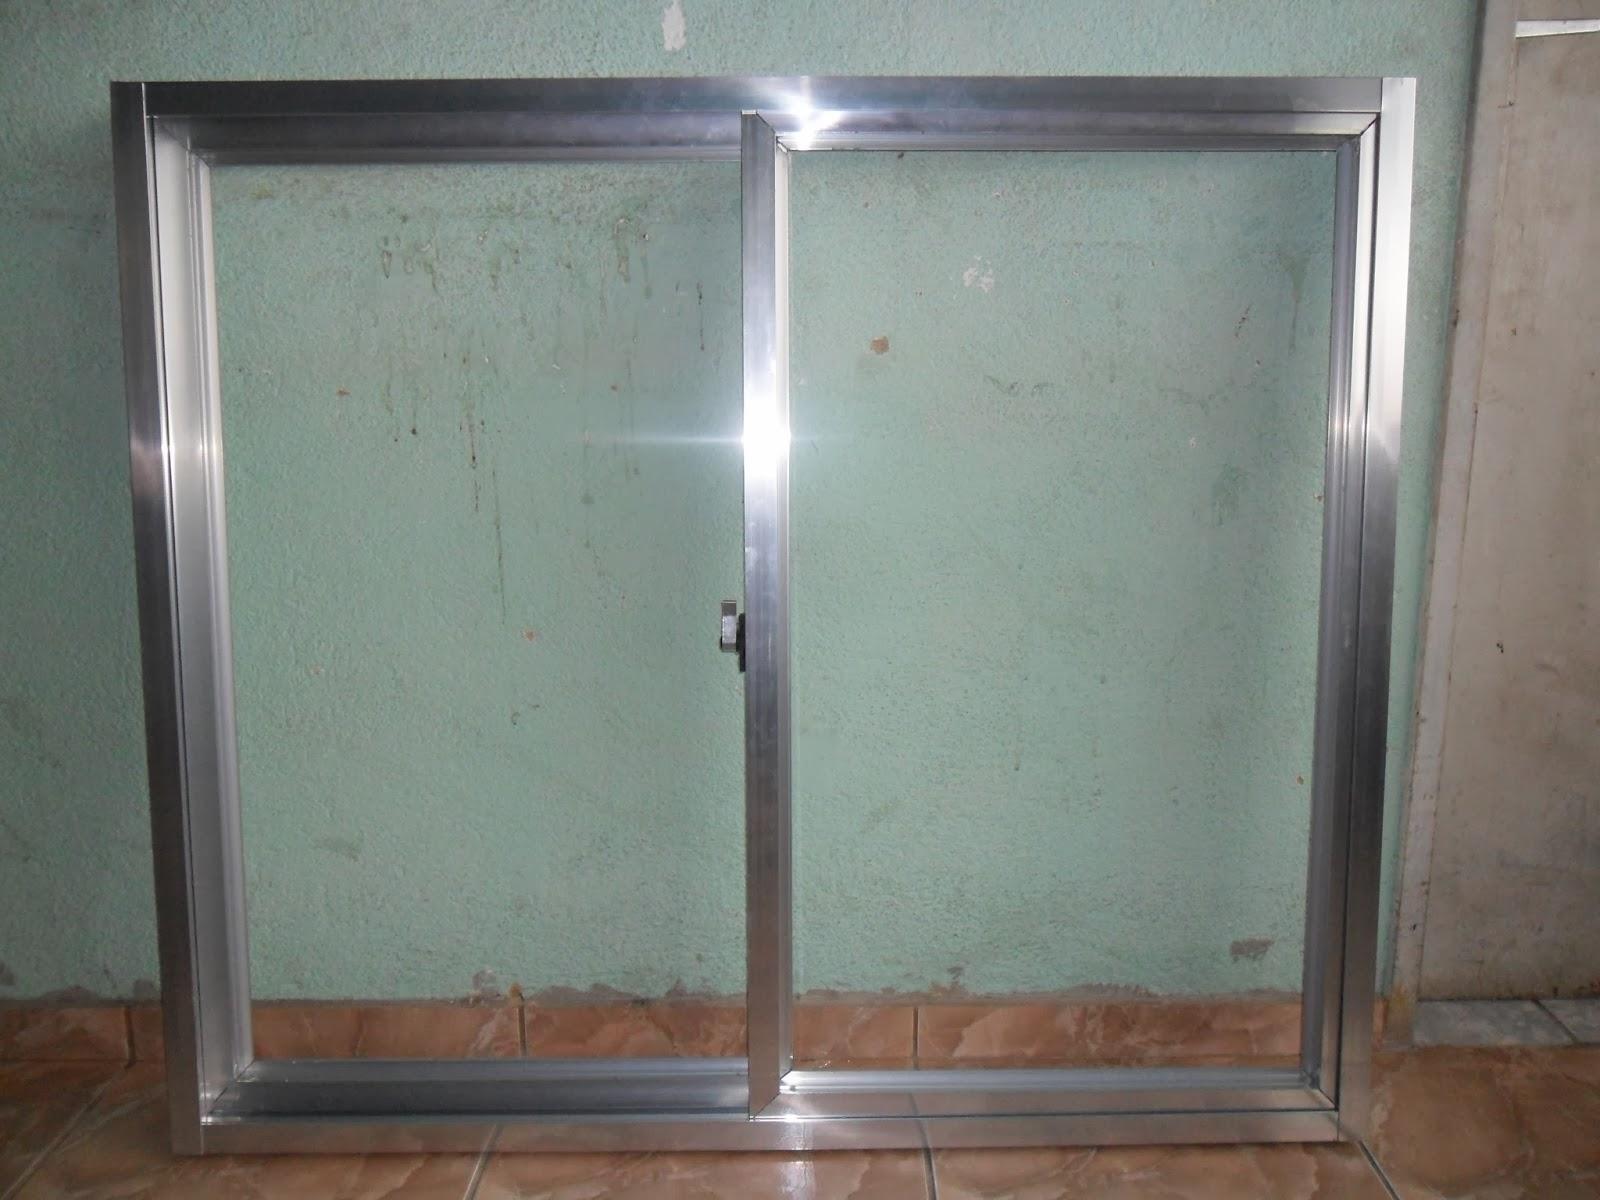 #634B3D DOMINGOS SERRALHEIRO: Janelas de alumínio (serviço realizado) 1672 Janela De Aluminio Manutenção